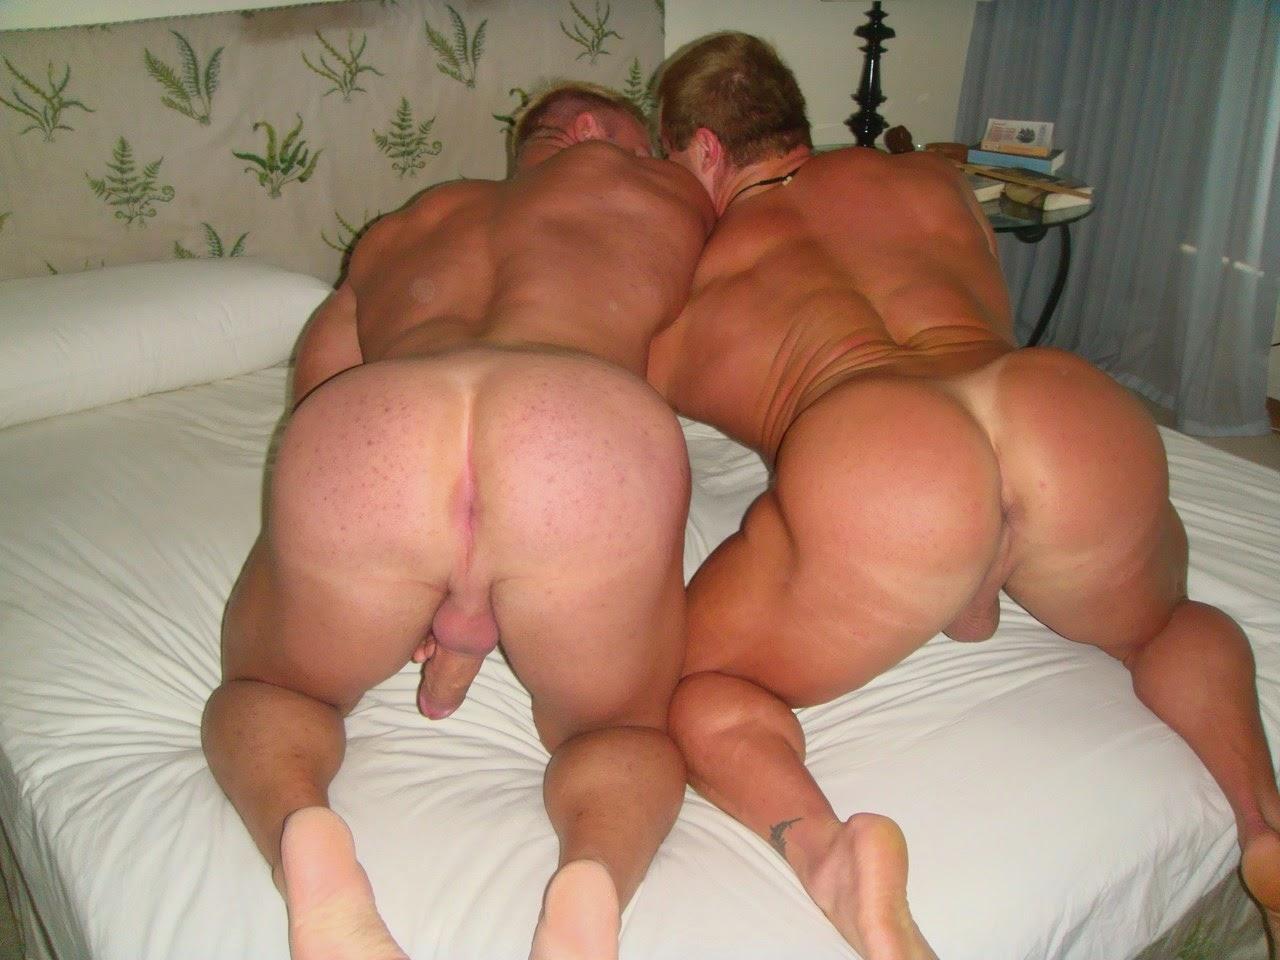 Fat ass nand gay porn